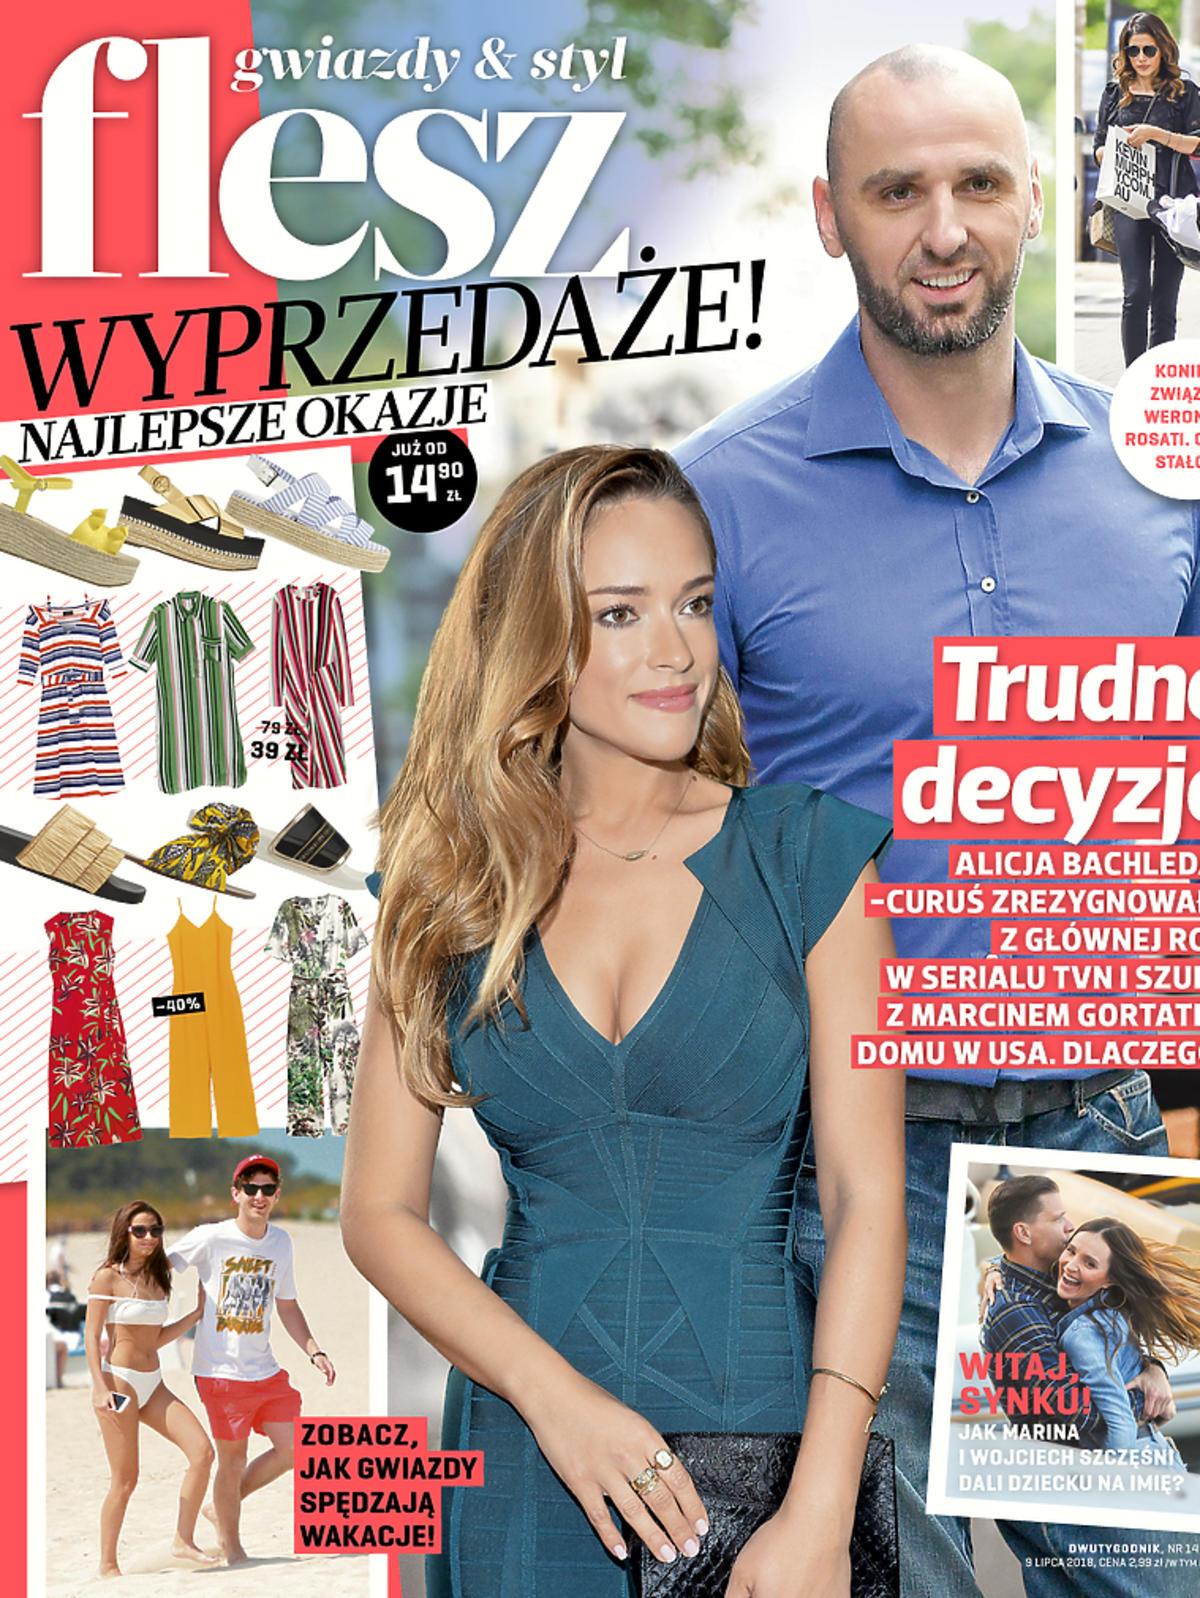 Alicja Bachleda Curuś i Marcin Gortat na okładce Flesza